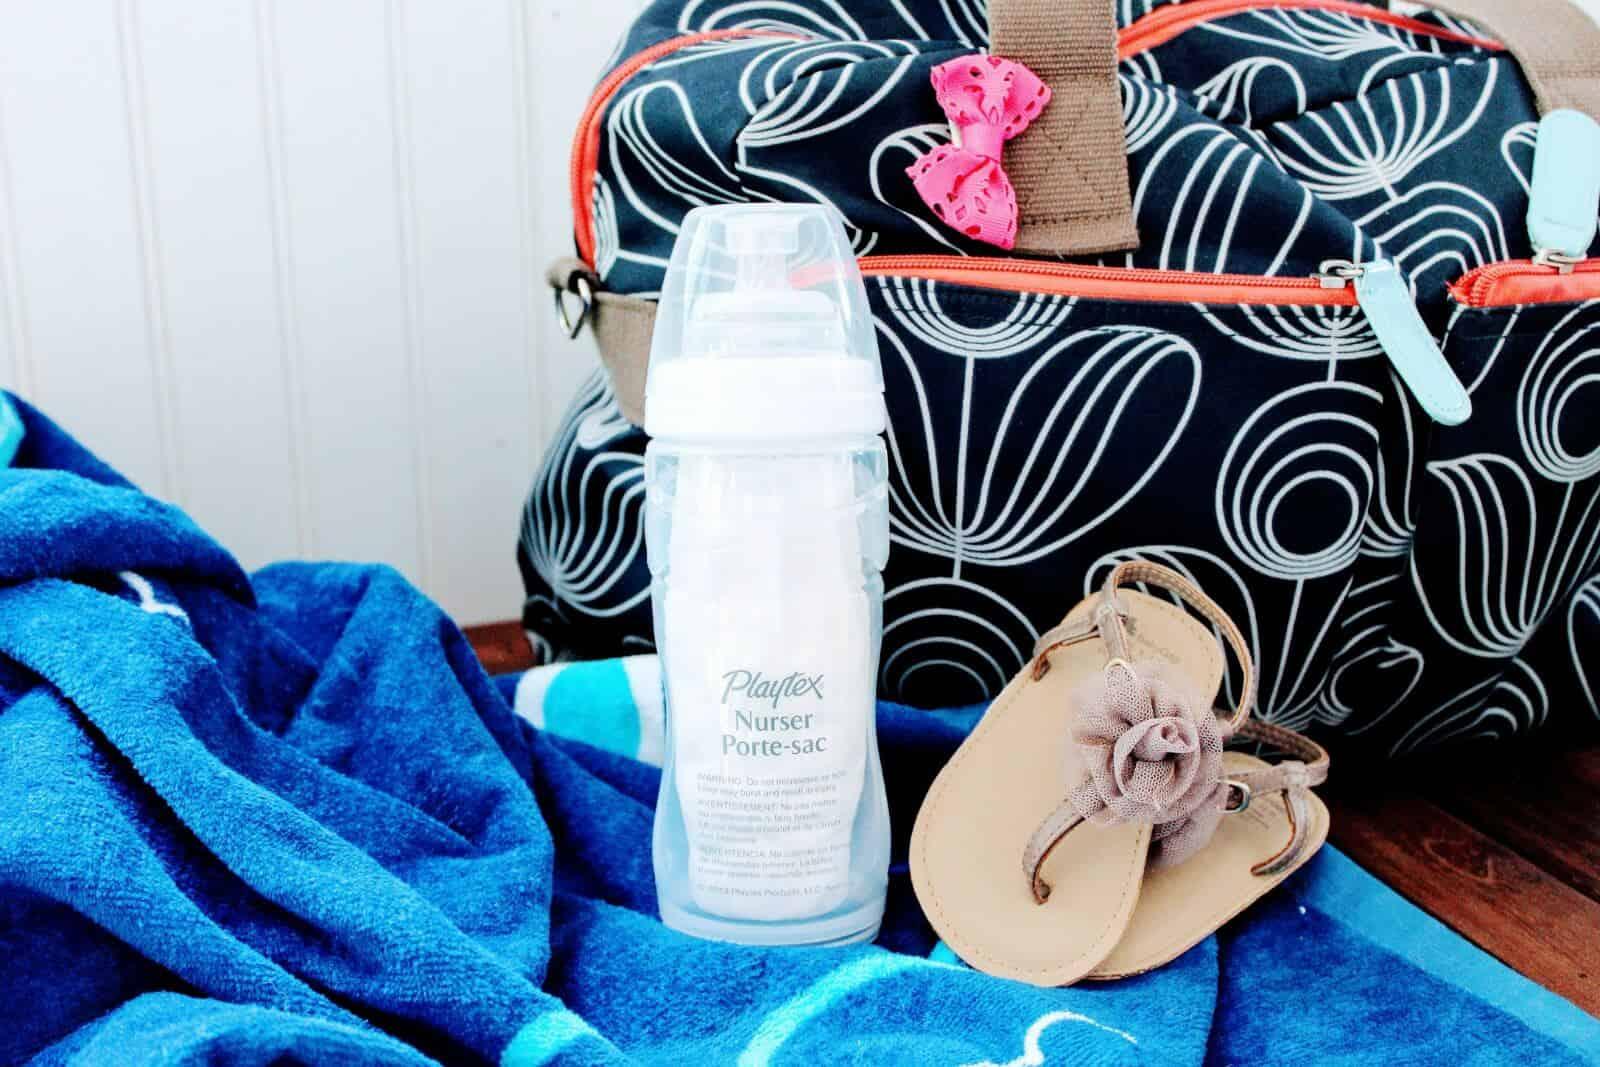 Beach trip items.